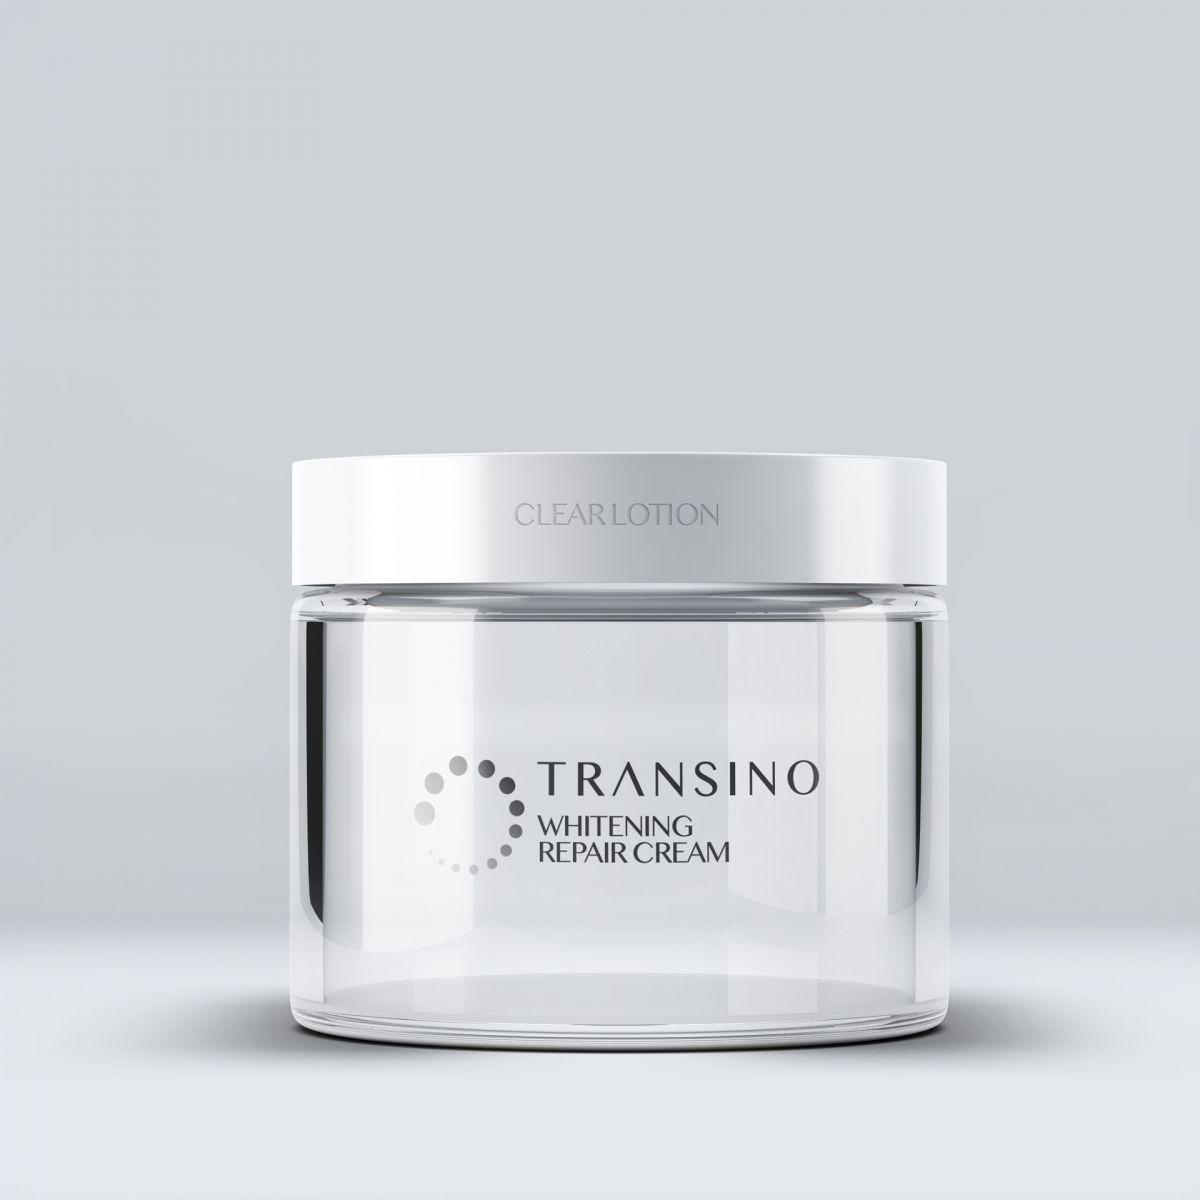 kem-transino-%C6%B0hitening-repair-cream-tai-tao-va-duong-trang-da-cua-nhat